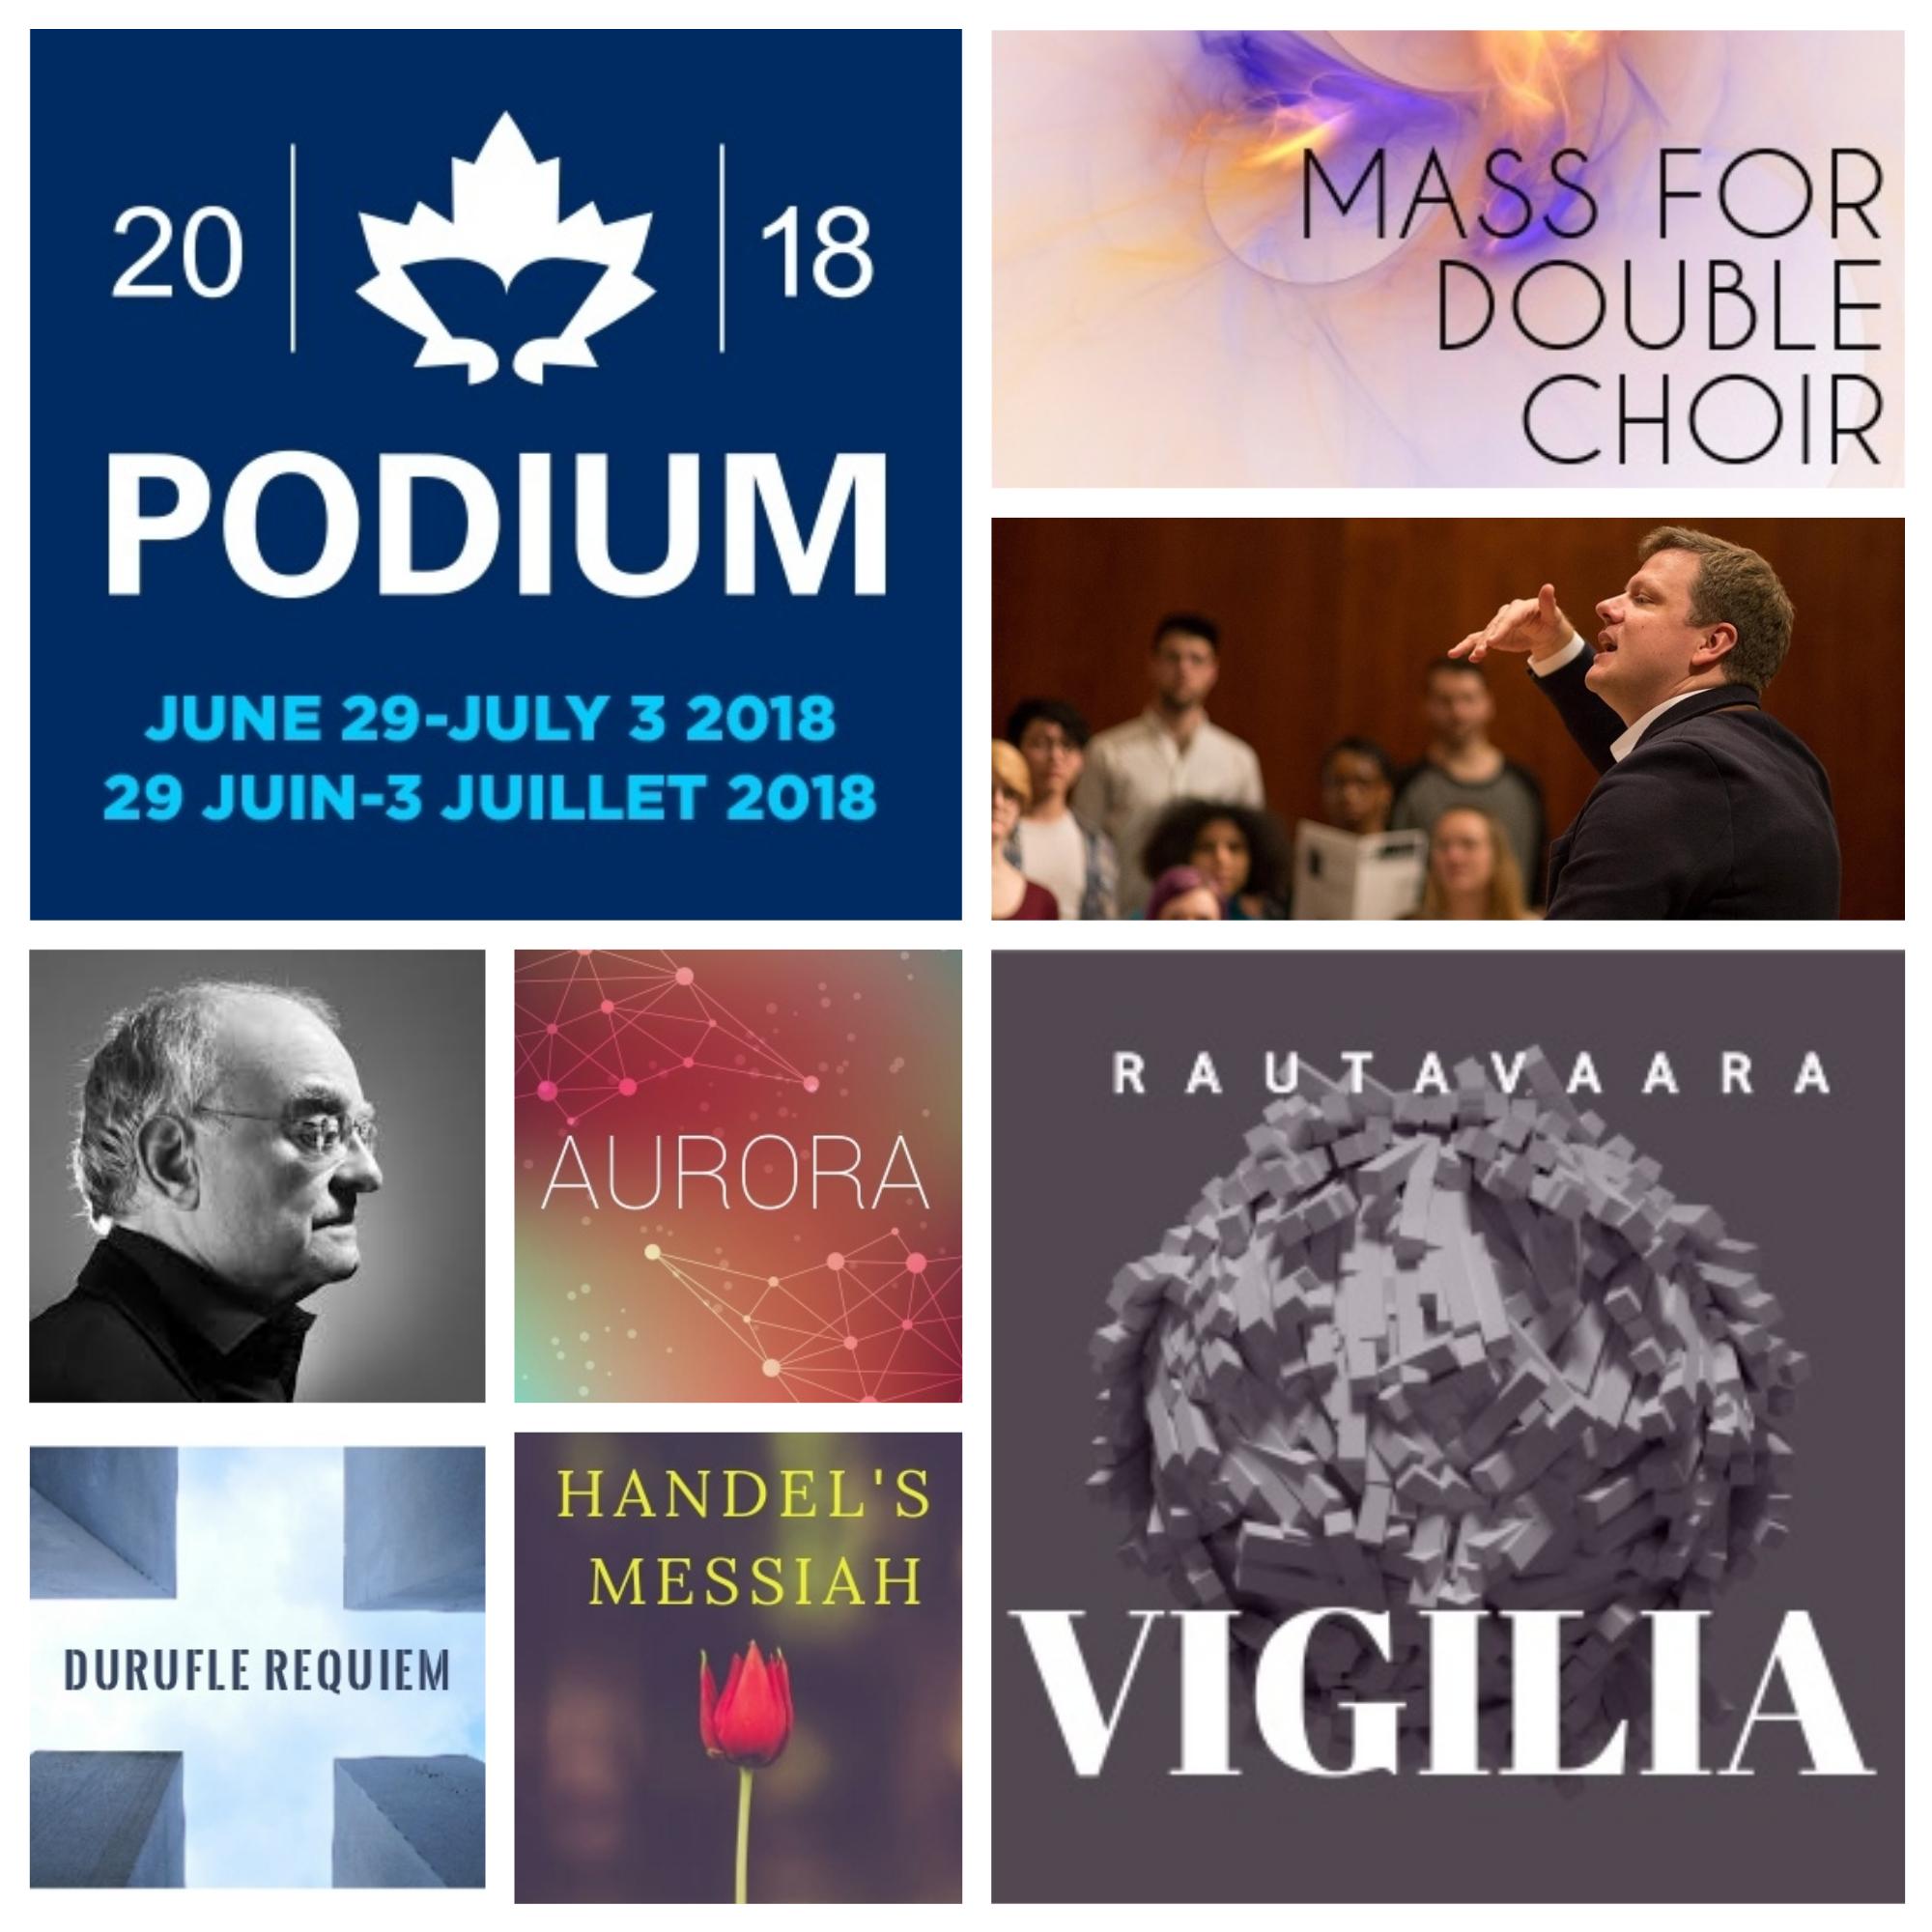 2017 - 2018 Season - Durufle Requiem with Ottawa Regional Youth ChoirNovember 11, 2017AuroraDecember 9, 2017Handel's